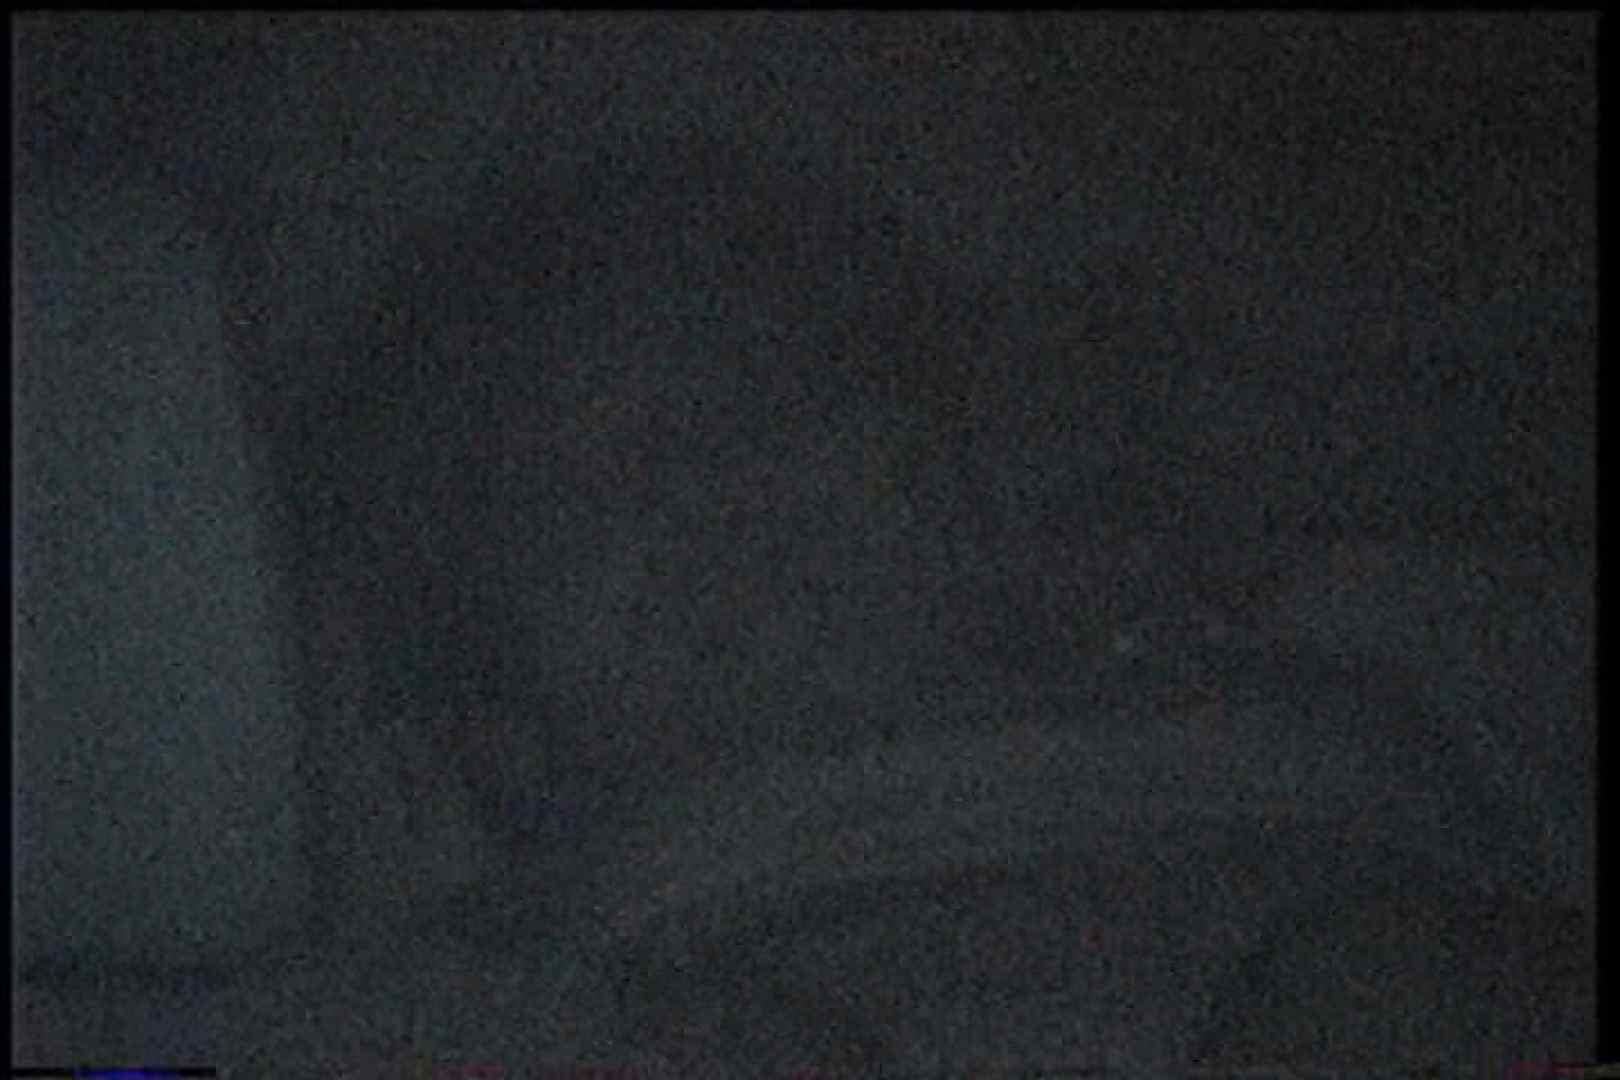 充血監督の深夜の運動会Vol.181 おまんこ無修正 AV動画キャプチャ 84画像 8